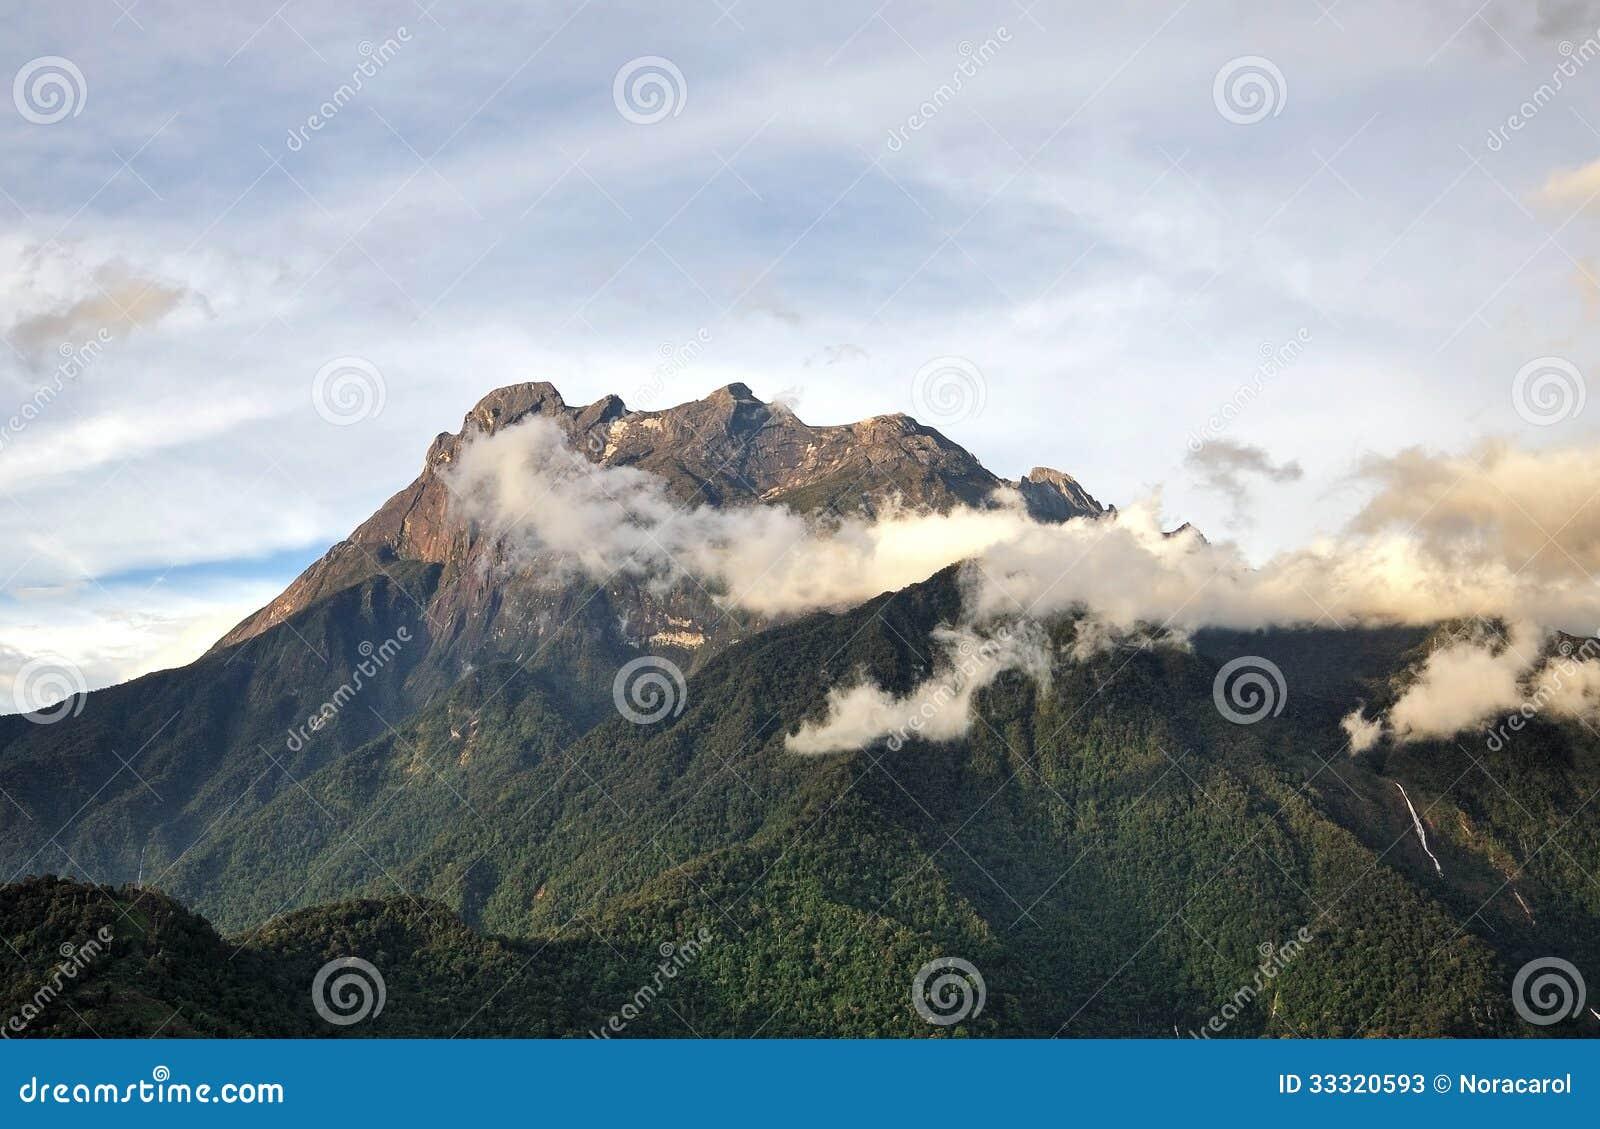 Kinabalu National Park Malaysia  city photos gallery : Mount Kinabalu National Park, Sabah Borneo, Malaysia.